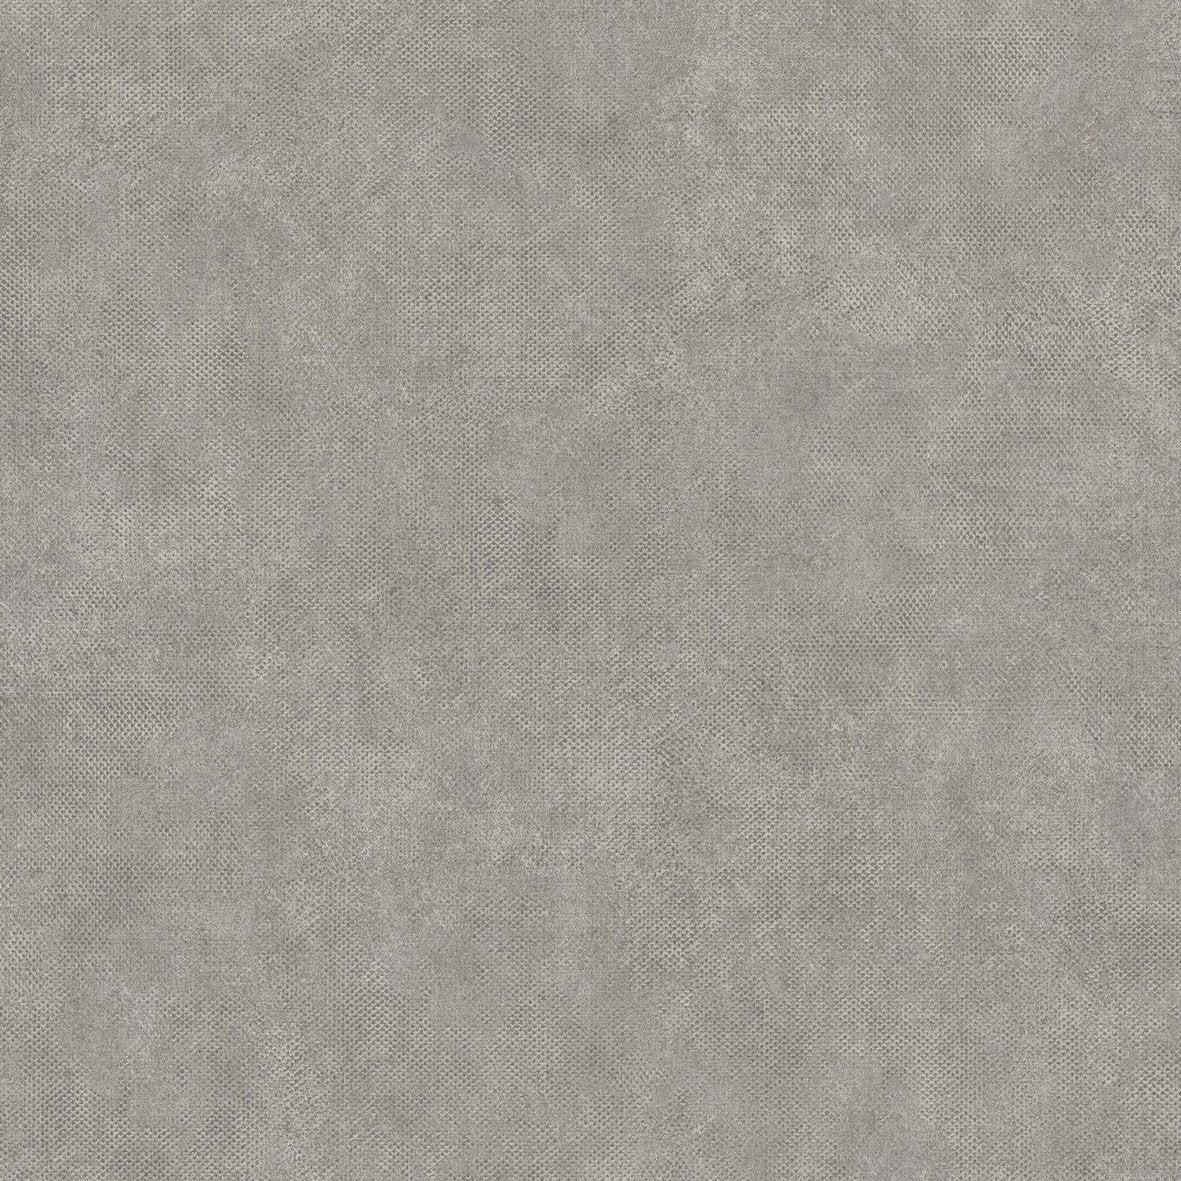 Sol pvc gris galet n 3 gris galet 3 artens declic l 4 m leroy merlin - Sol pvc leroy merlin ...